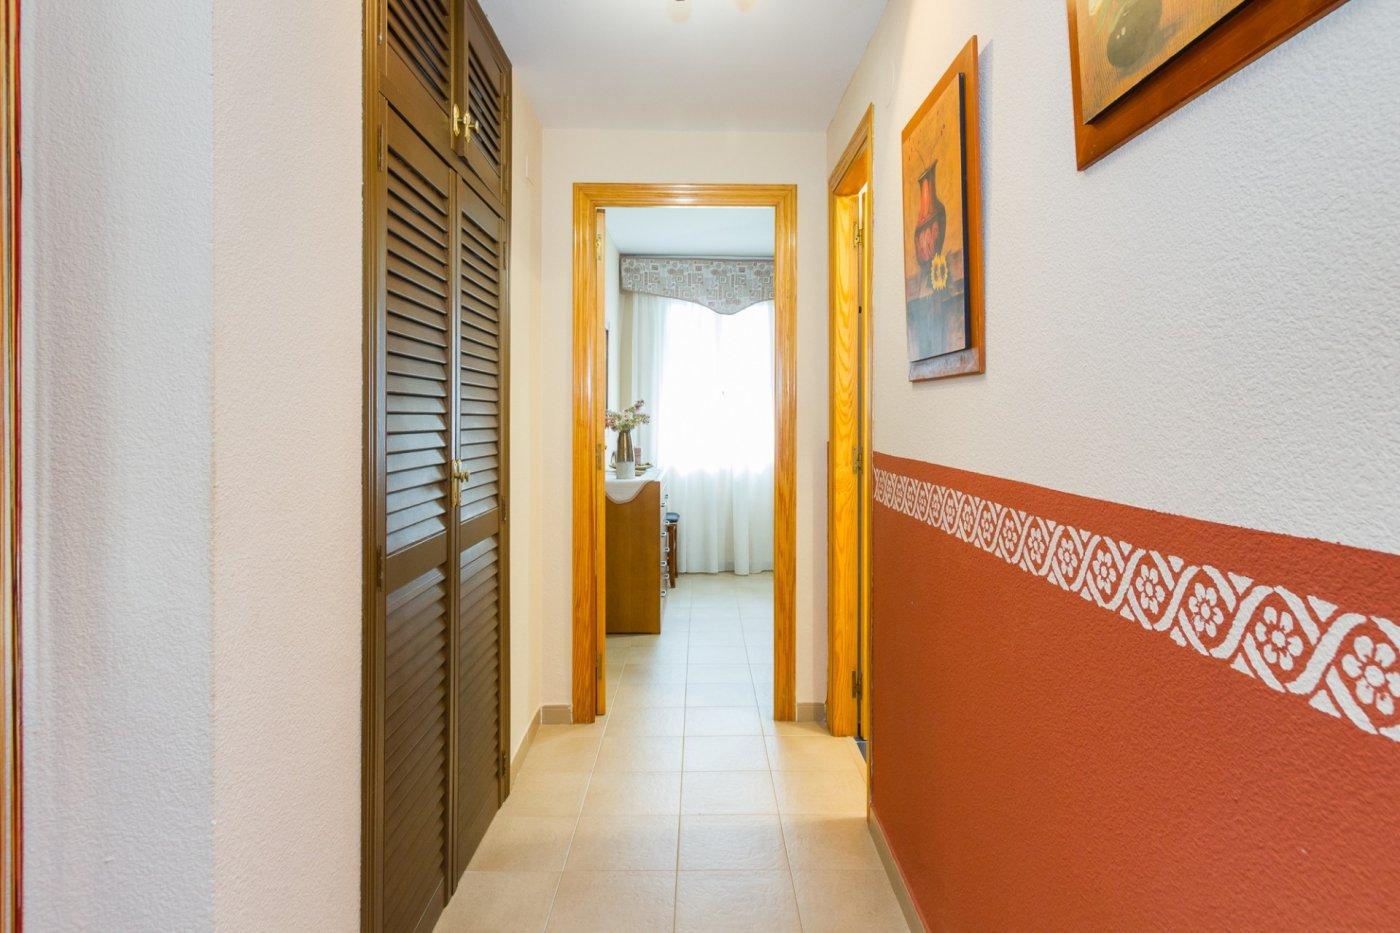 Venta de apartamento en xeraco - imagenInmueble25